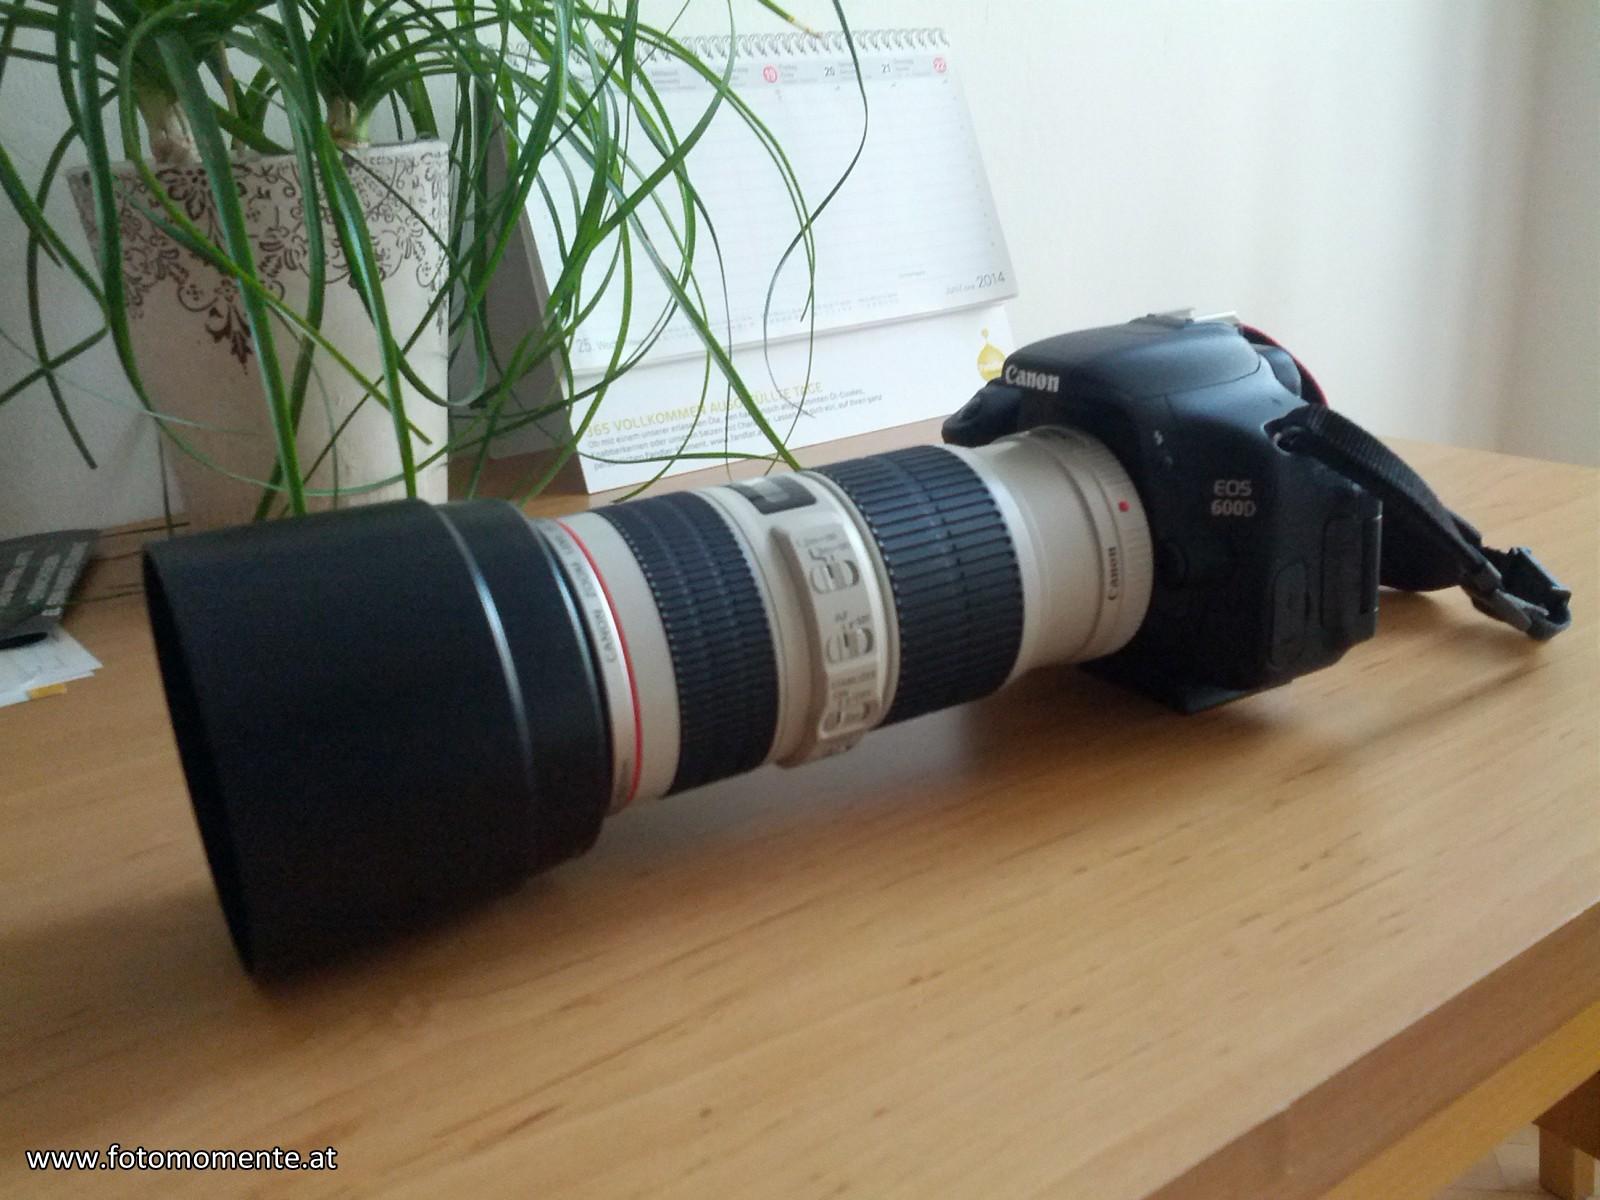 Canon 70 200 4L IS USM - Fotografieren lernen - Meine Erfahrungen die dir helfen, bessere Fotos zu schießen